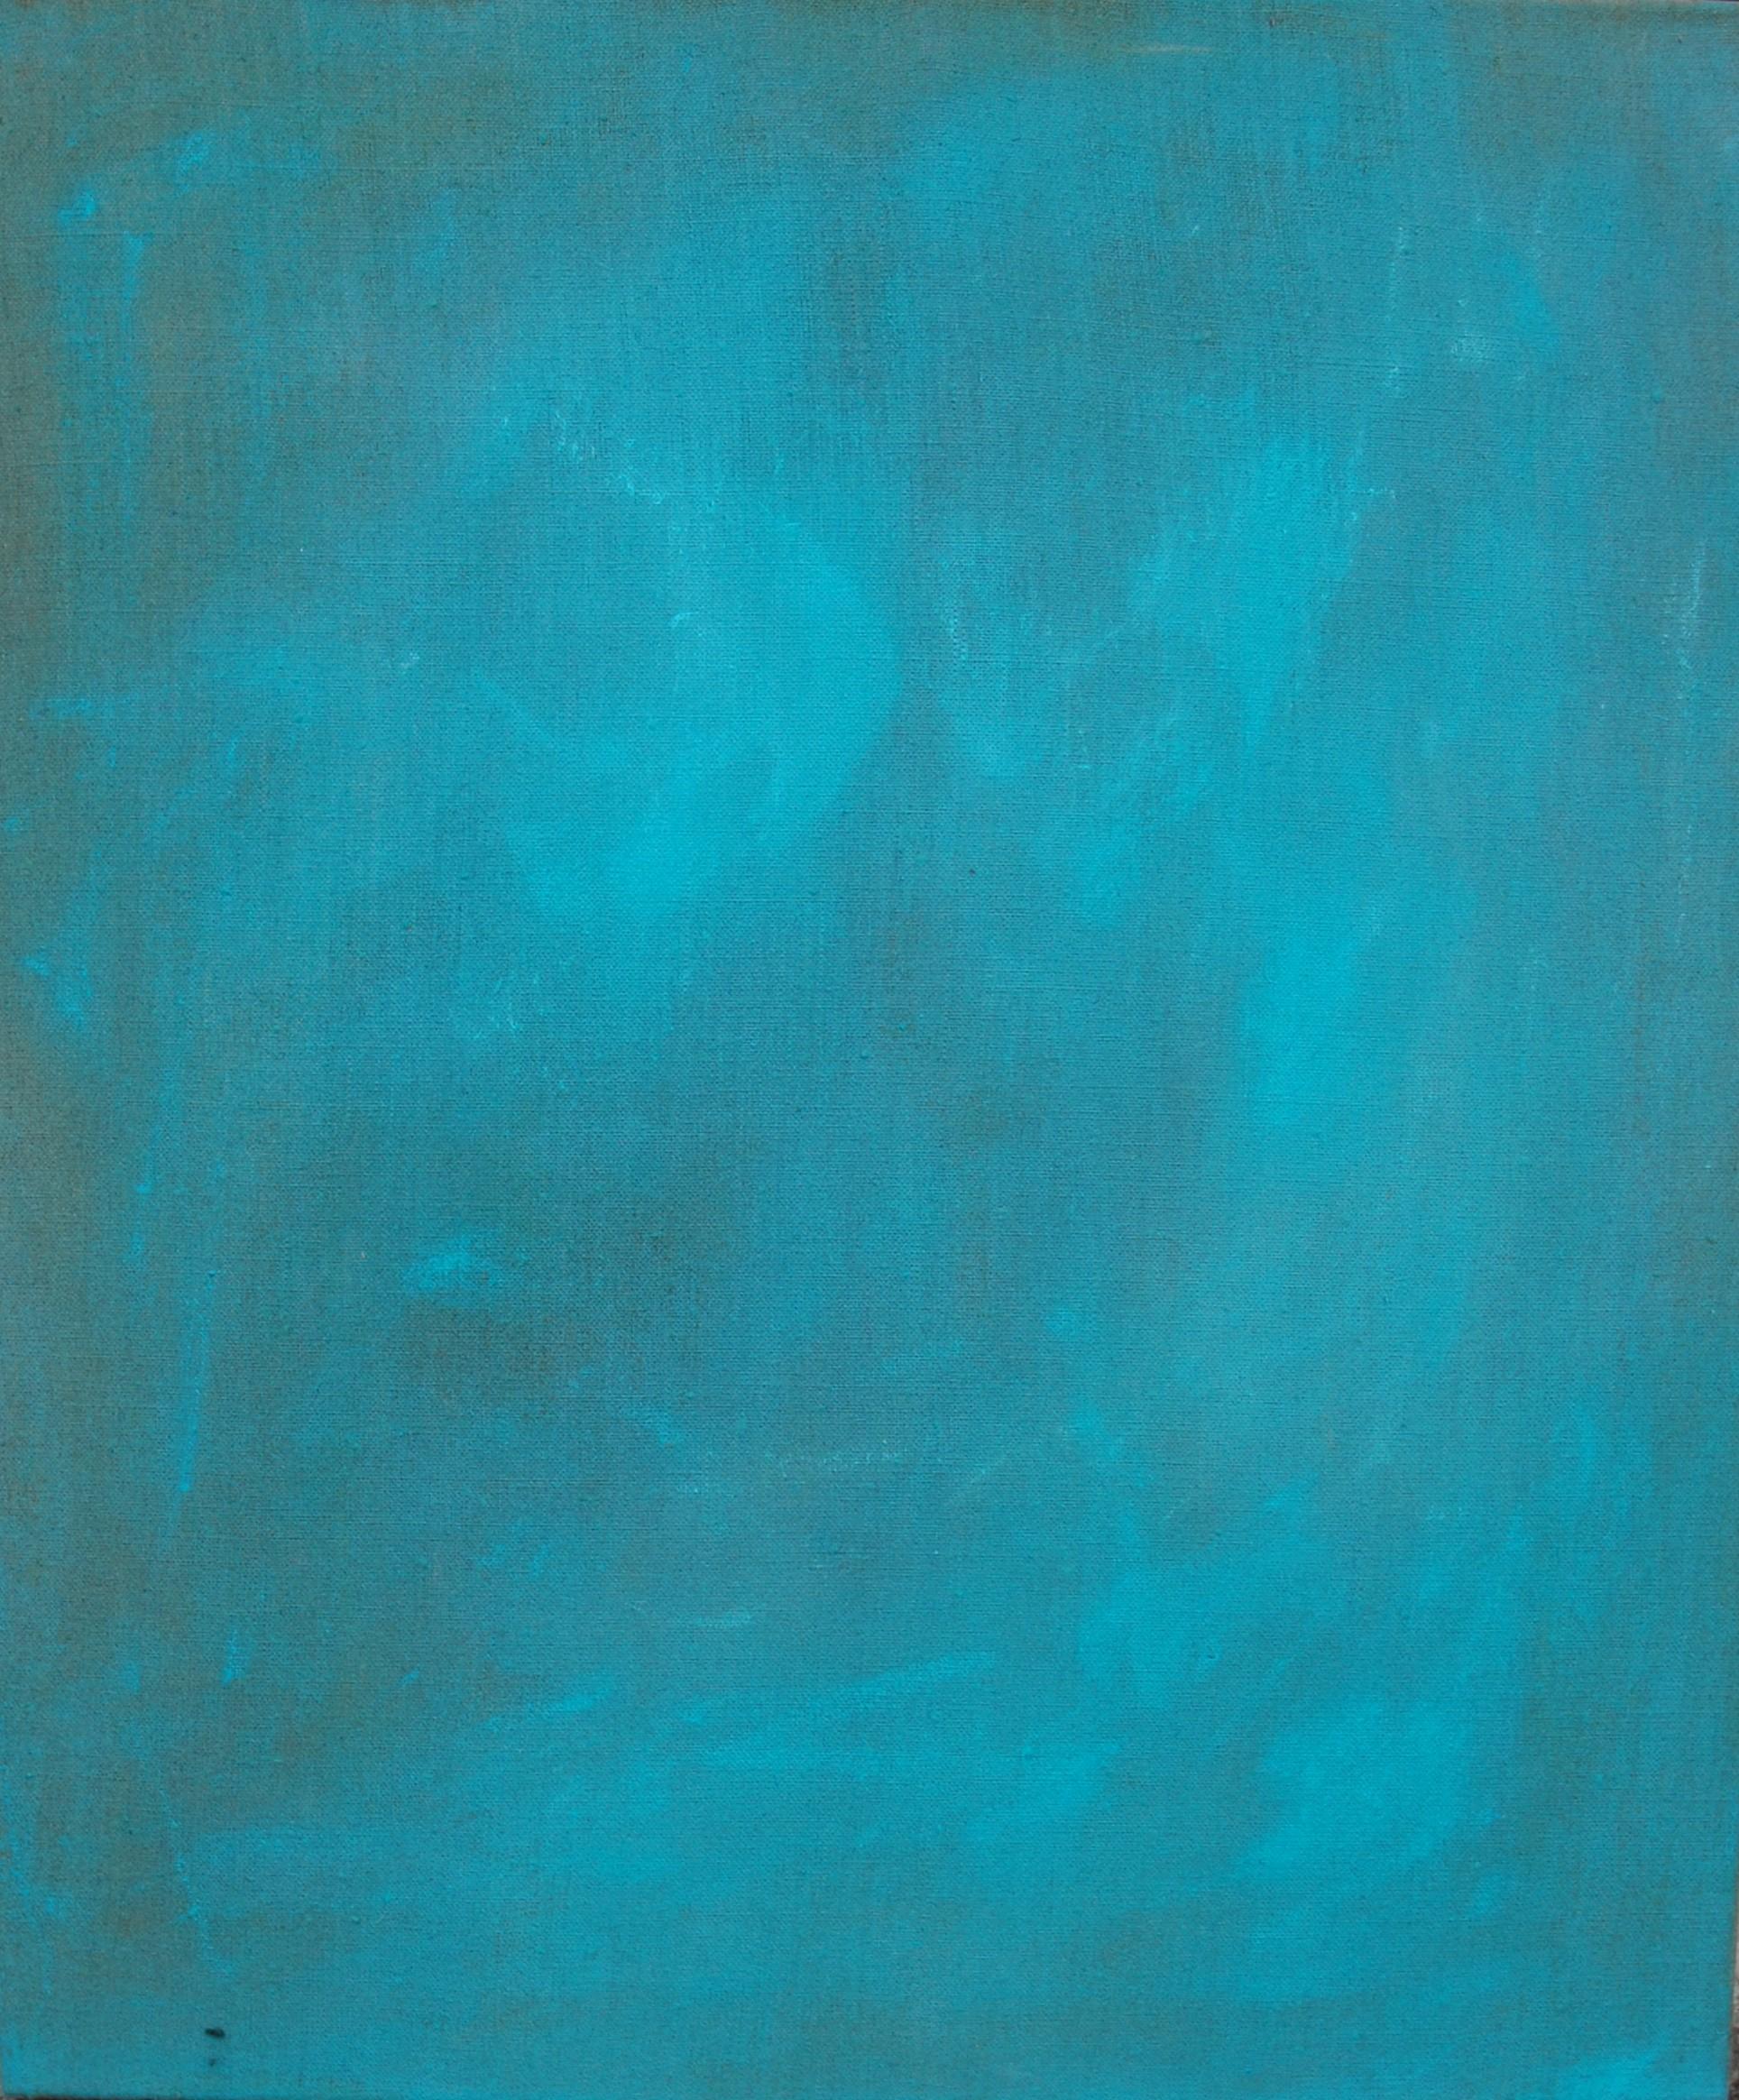 métamorphose 12 huile sur toile 65x55 cm